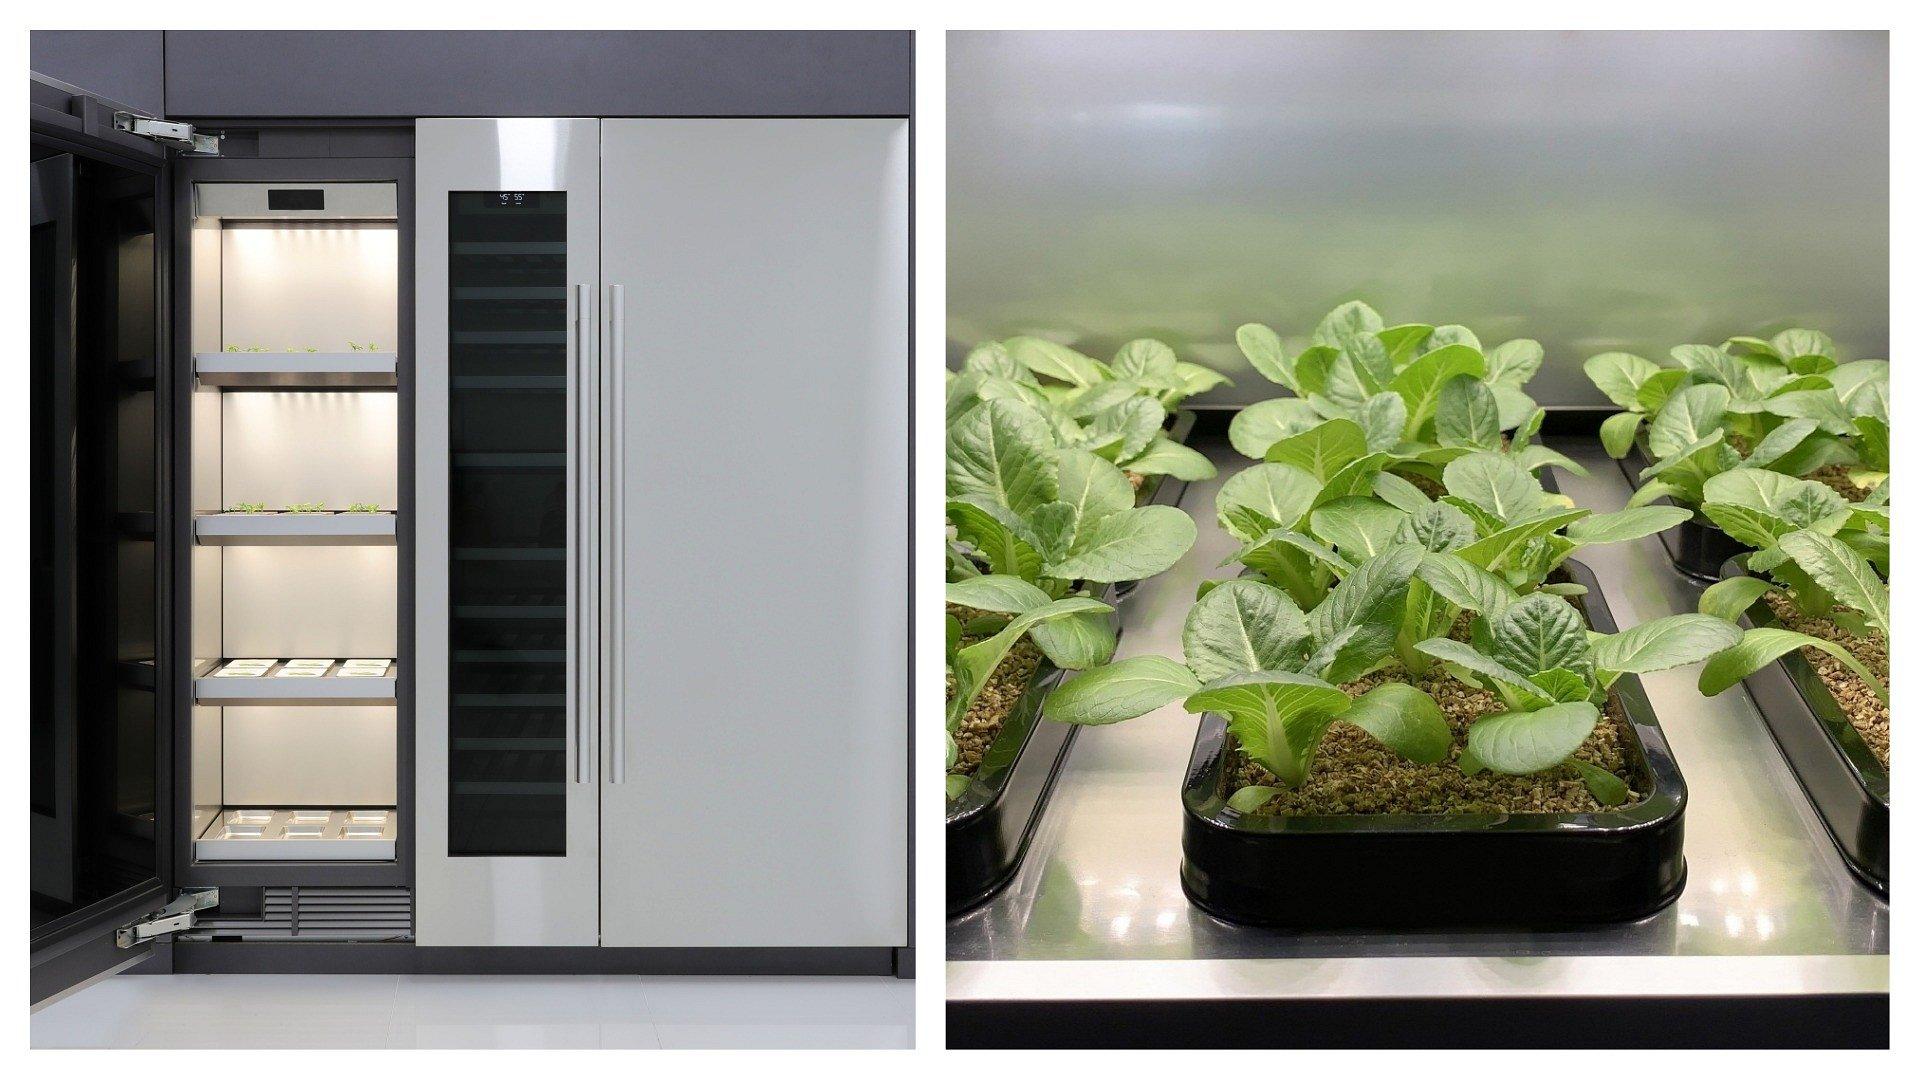 CES 2020: Rewolucja w uprawianiu warzyw! LG prezentuje pierwsze urządzenie do uprawy roślin w domu